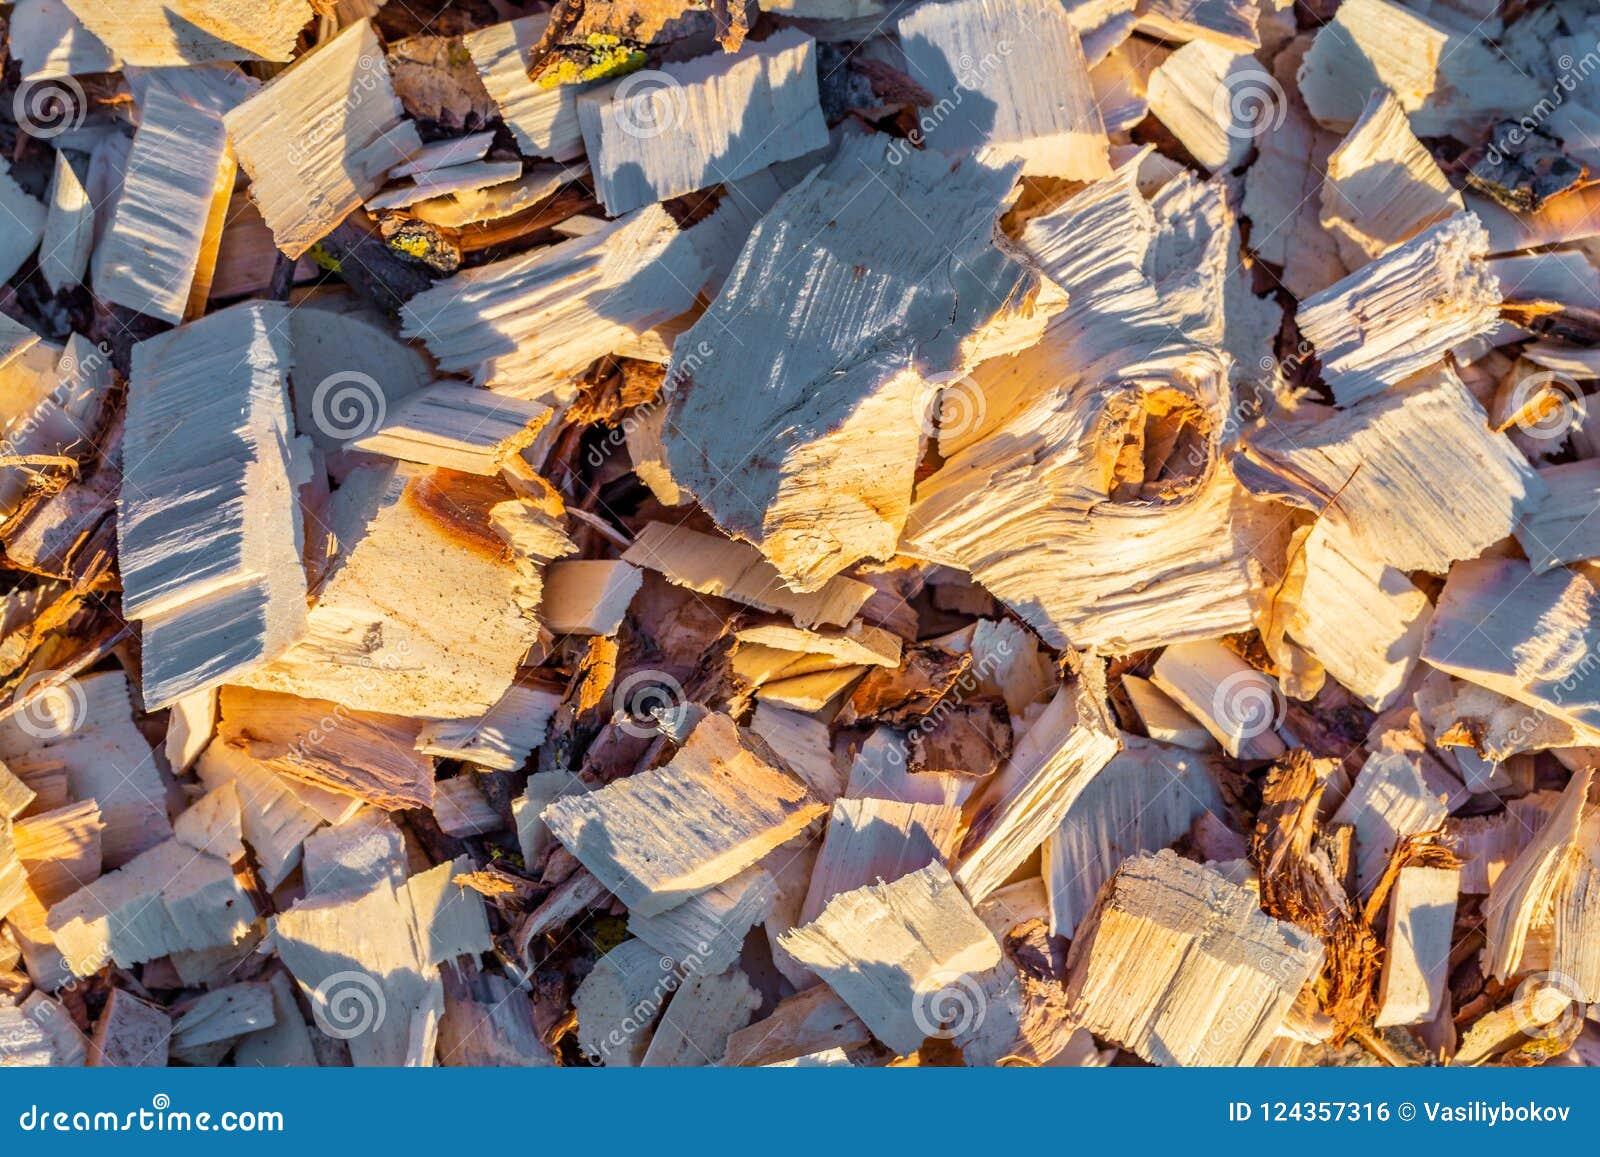 Holzspan Aufbereitetes Holz Umweltfreundliche Verarbeitung